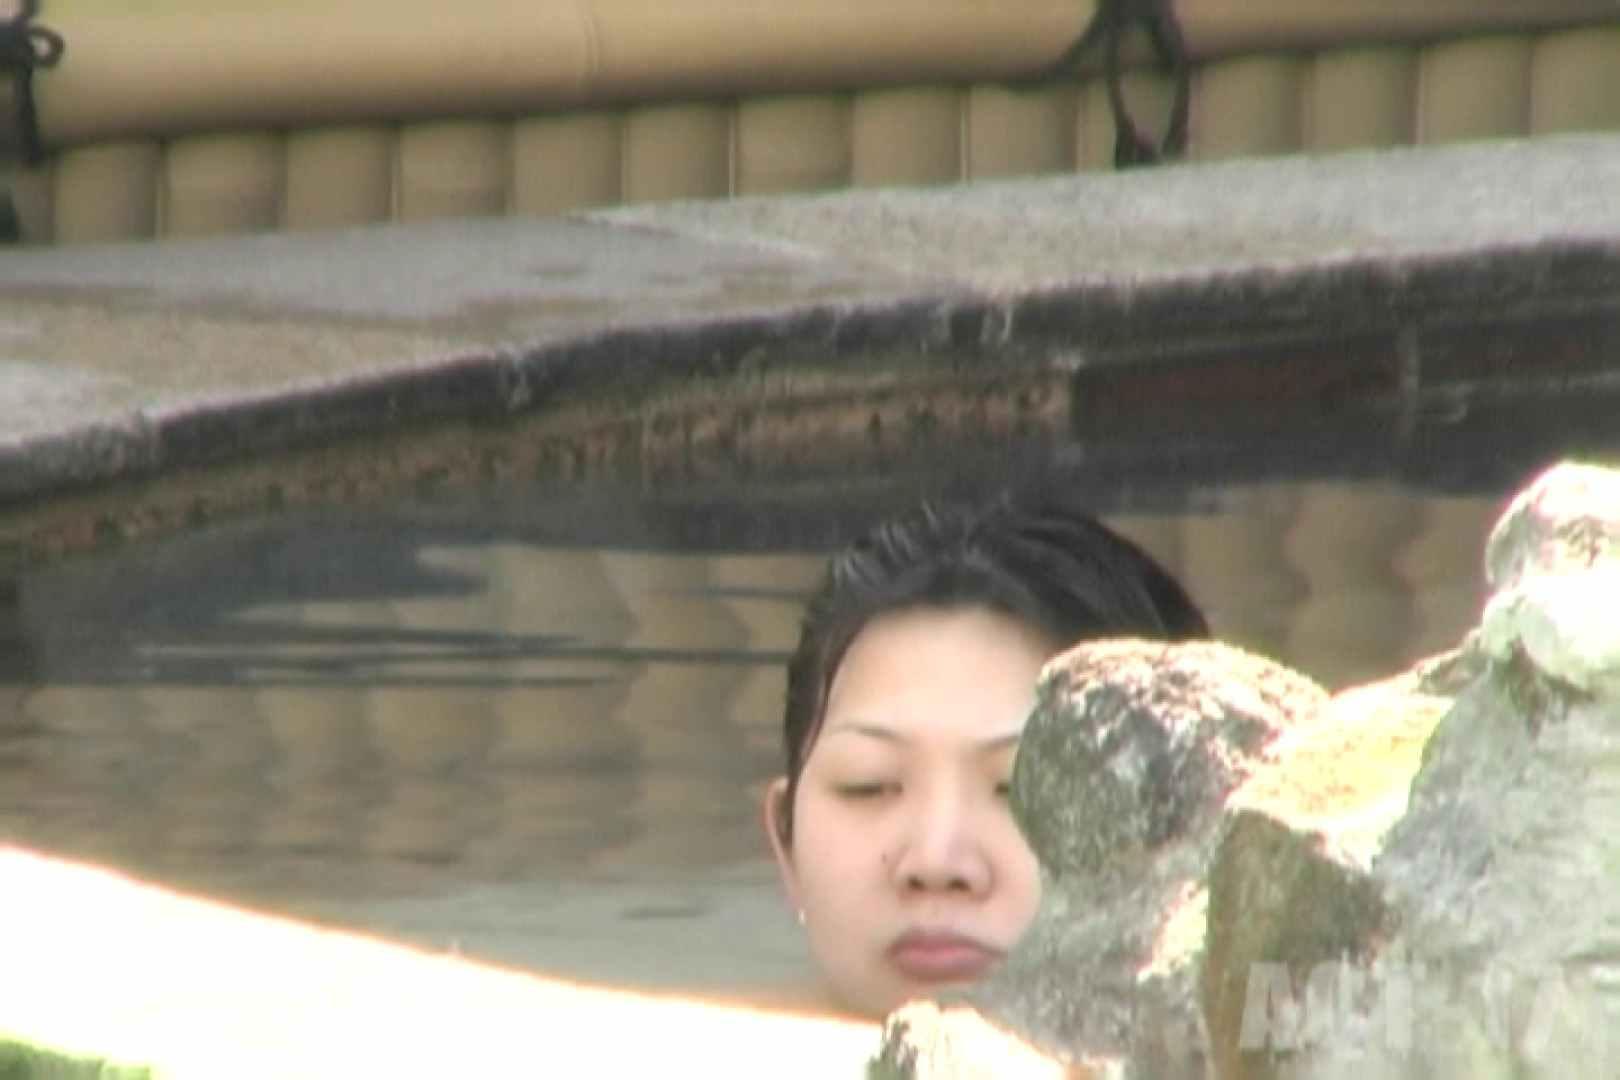 Aquaな露天風呂Vol.850 OLのエロ生活  76連発 30